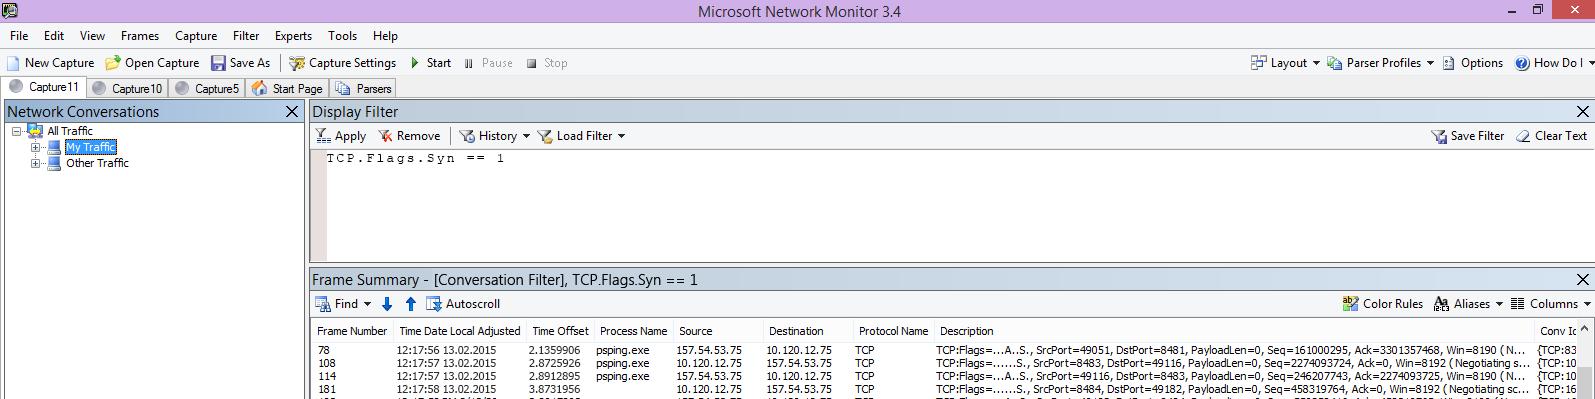 Трасування з клієнта в Microsoft Network Monitor, де виконання тієї ж команди PSPing показано за допомогою фільтра TCP. Flags.Syn = = 1.